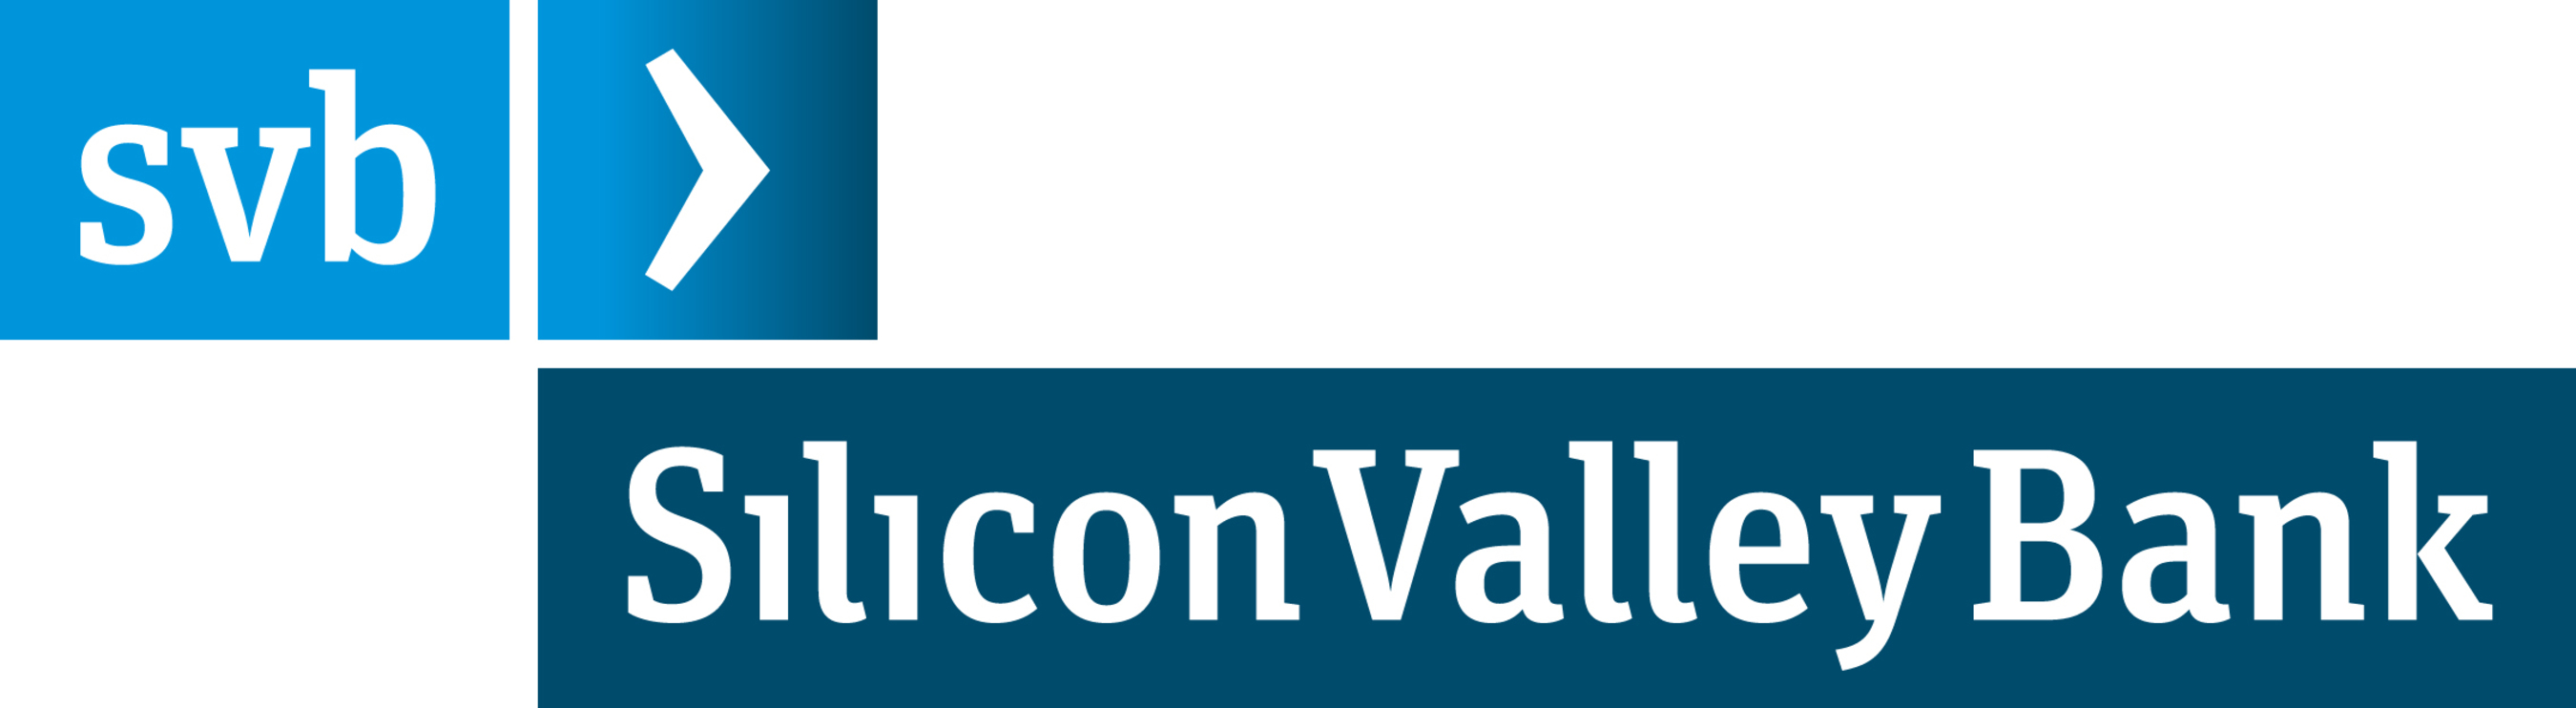 Silicon Valley Bank logo.